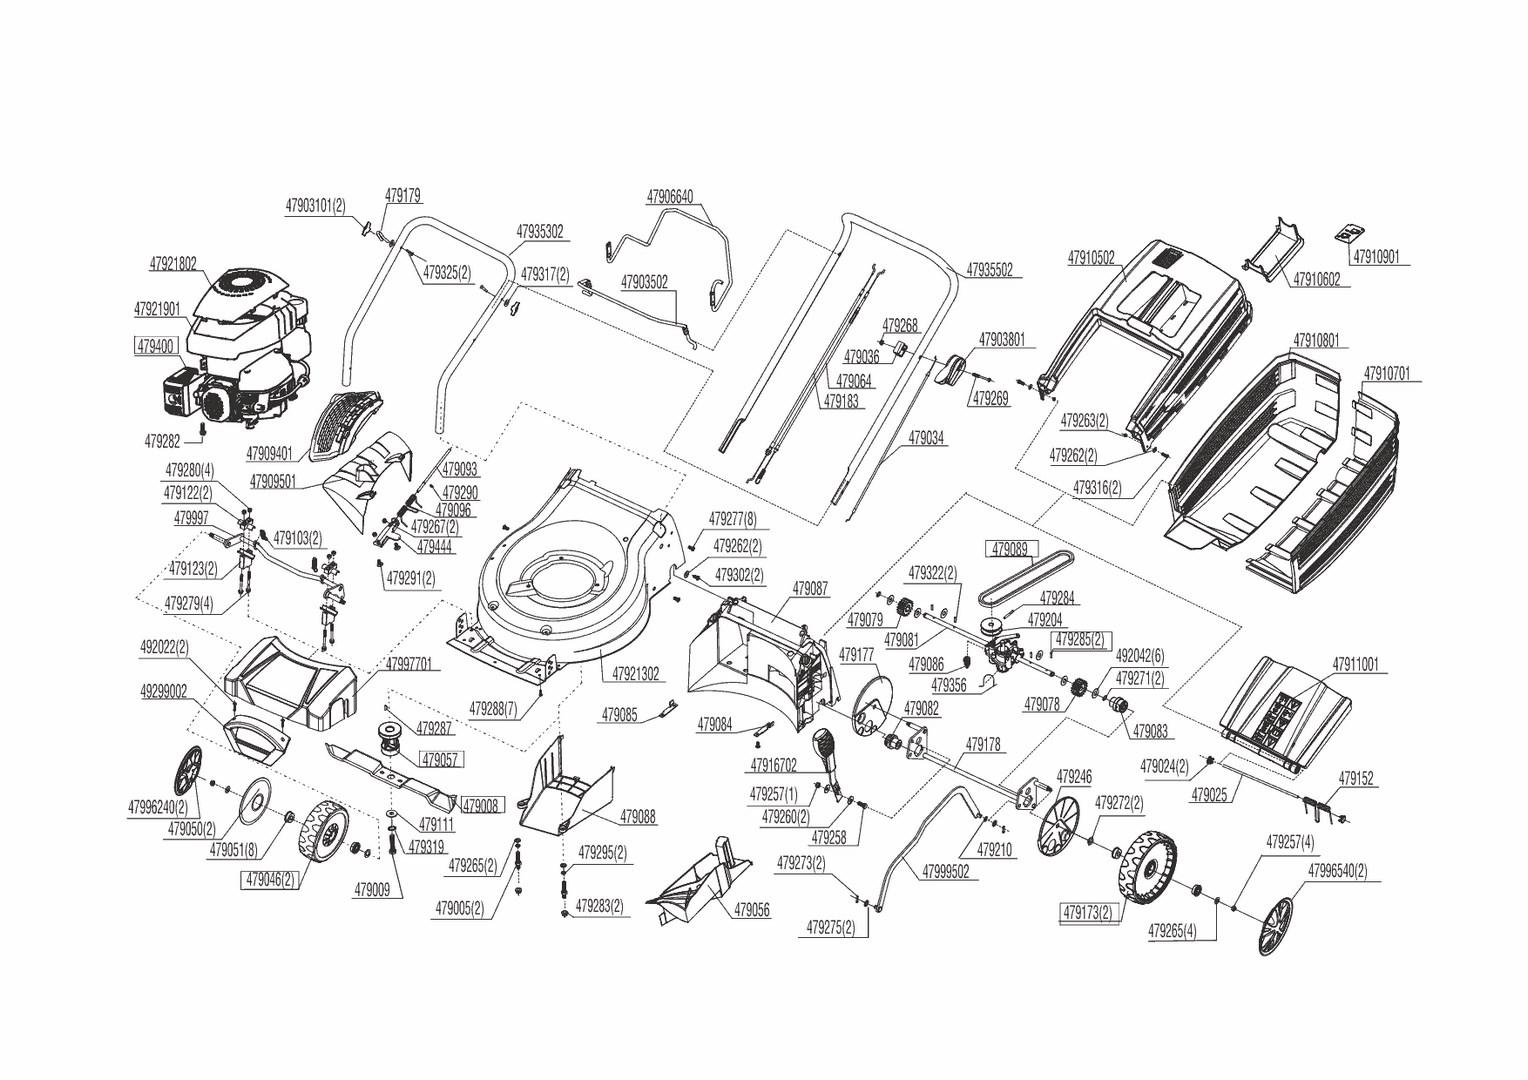 ersatzteile und zeichnung von al ko f r benzinrasenm her sp s. Black Bedroom Furniture Sets. Home Design Ideas